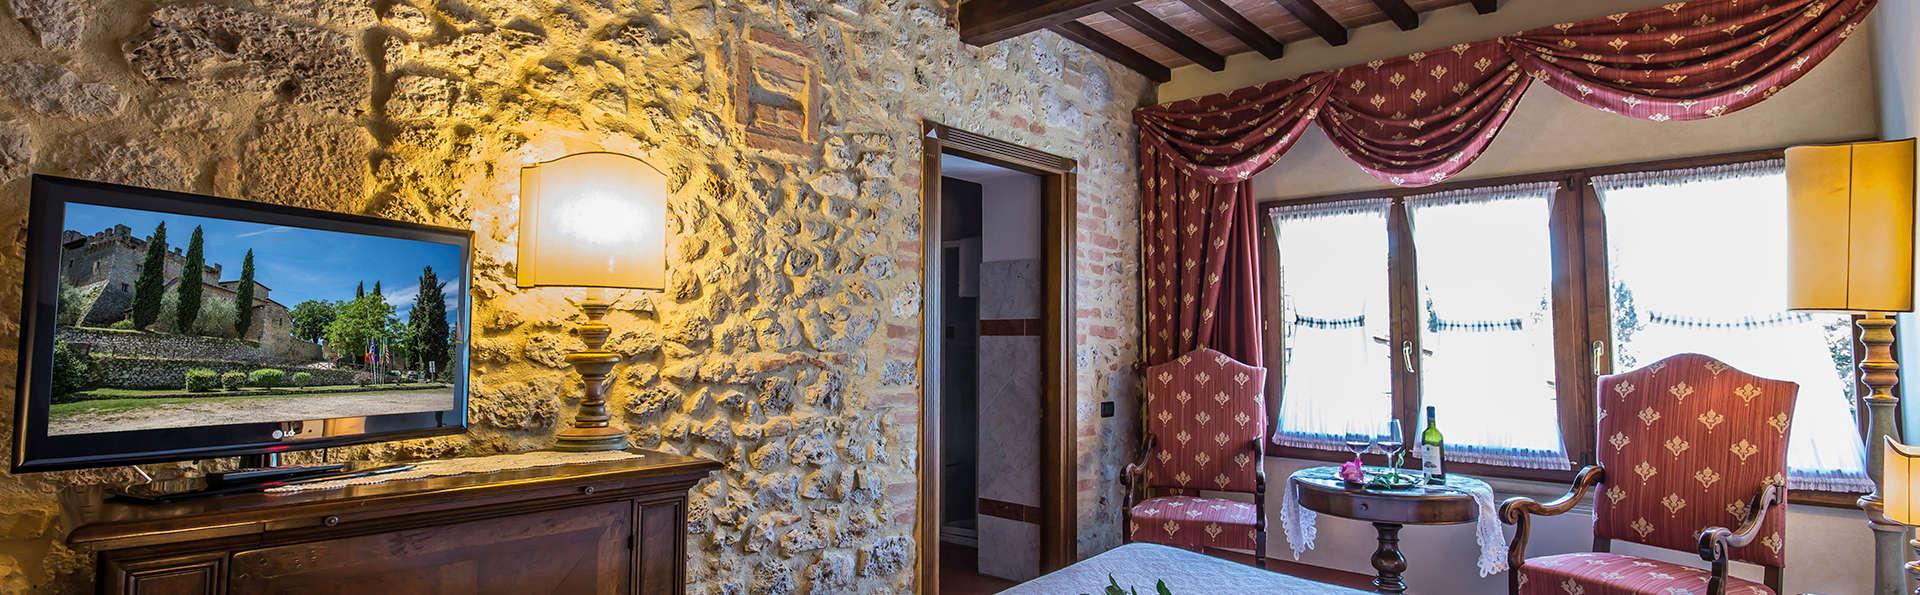 Nuit fabuleuse dans un château toscan en chambre Supérieure